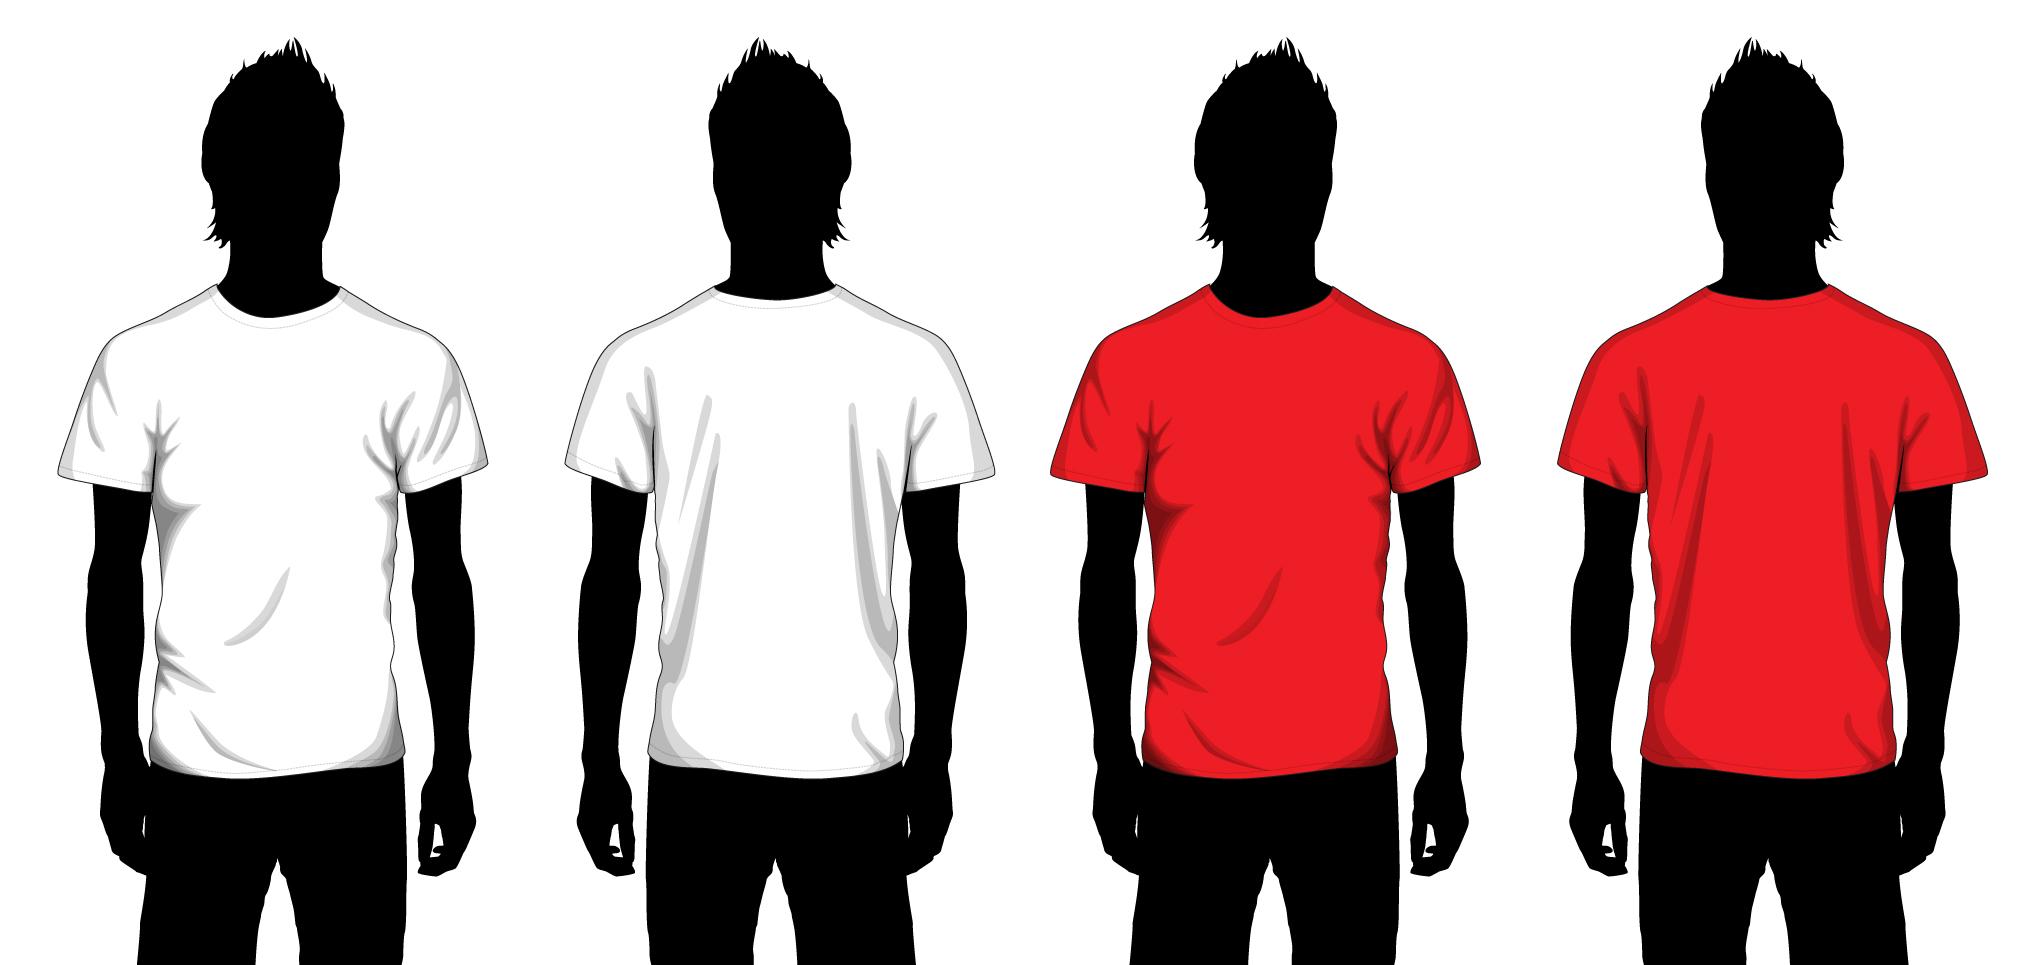 t shirt photoshop template - Leon.escapers.co